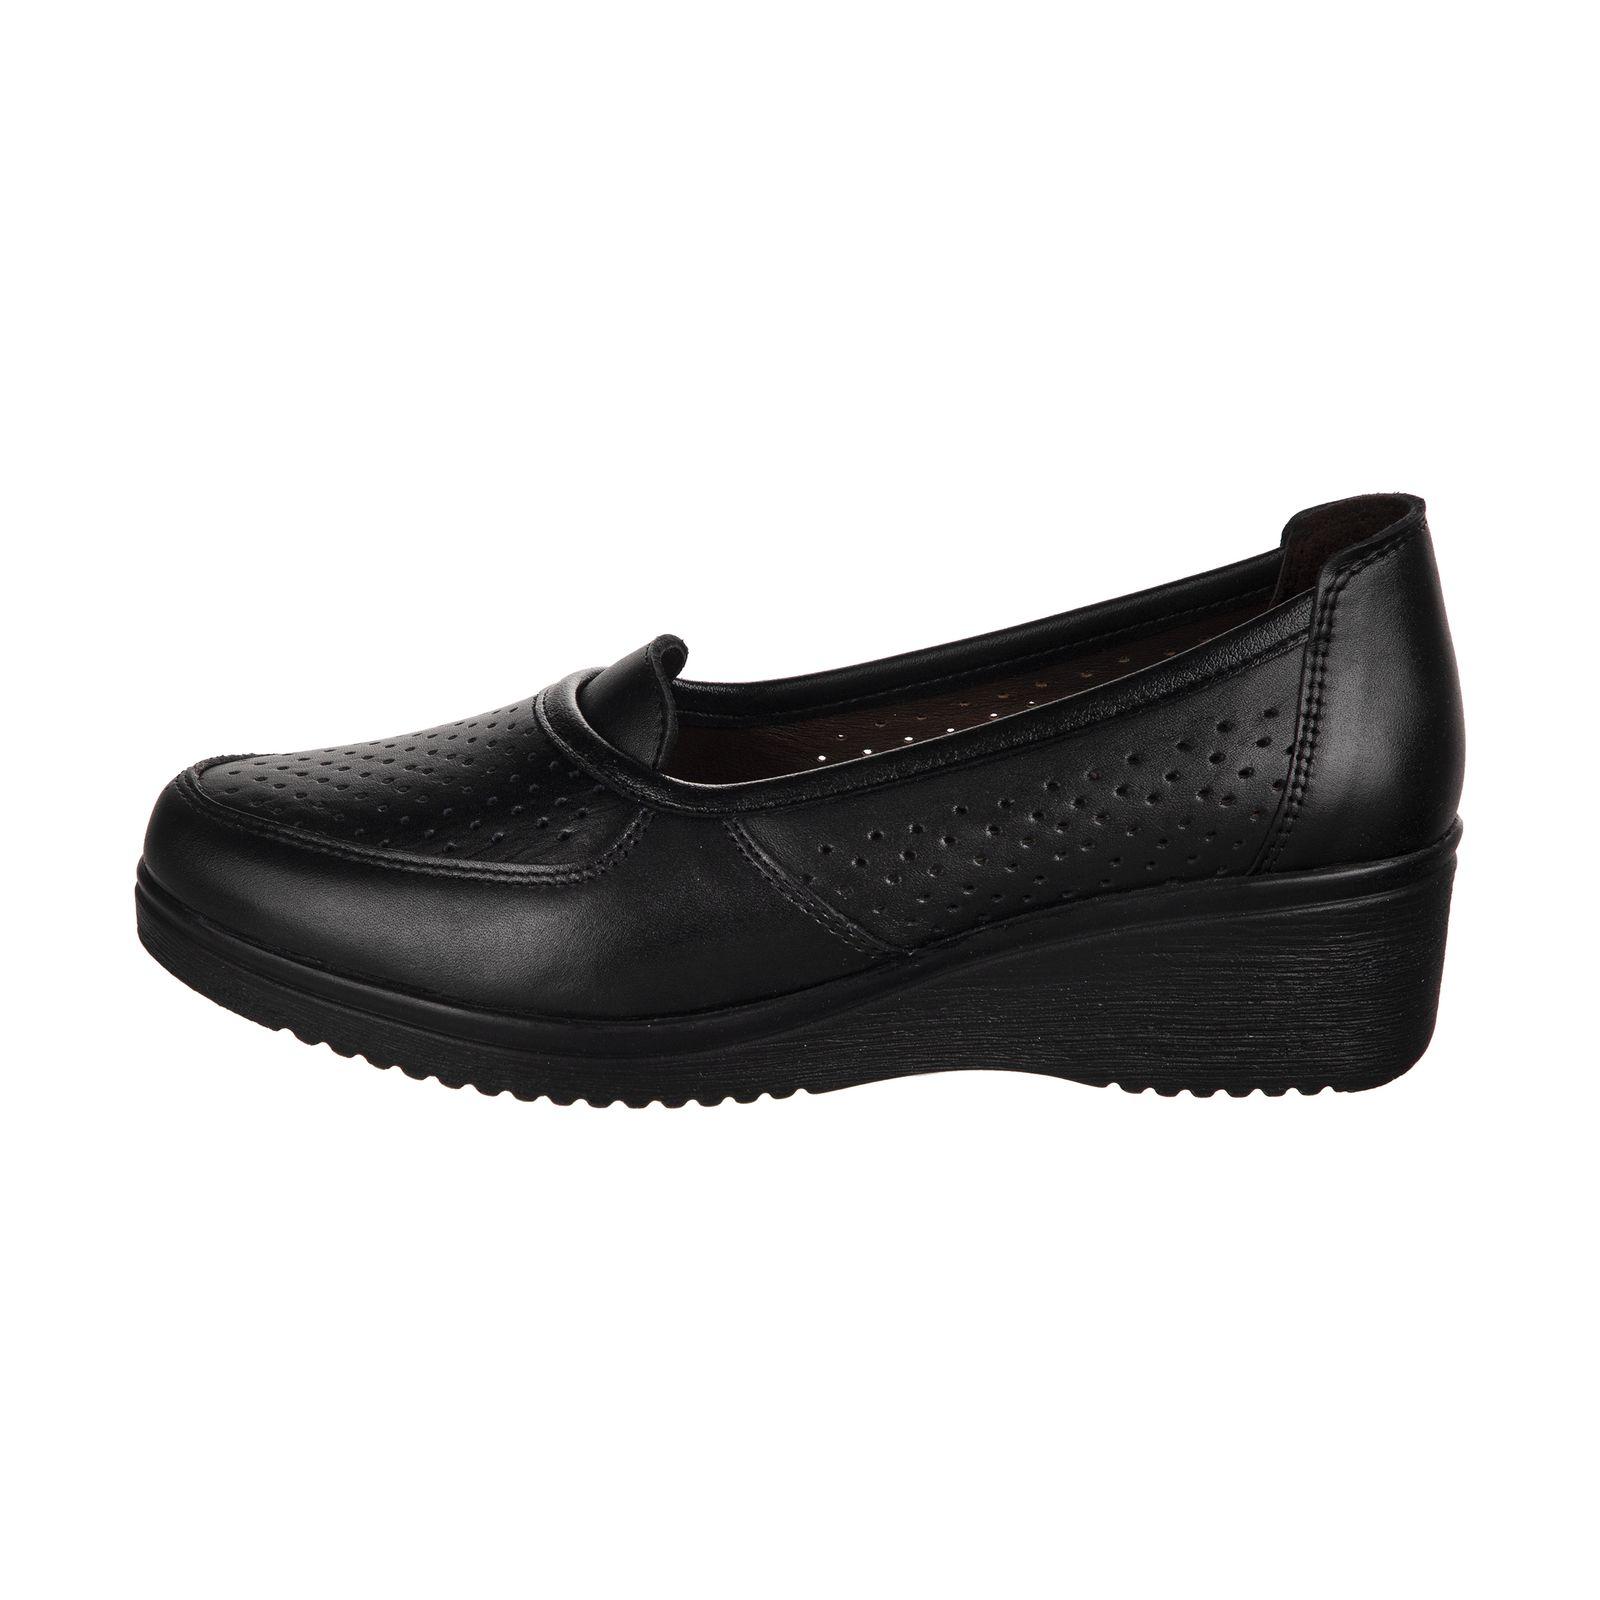 کفش روزمره زنانه سوته مدل 3054B500101 -  - 2